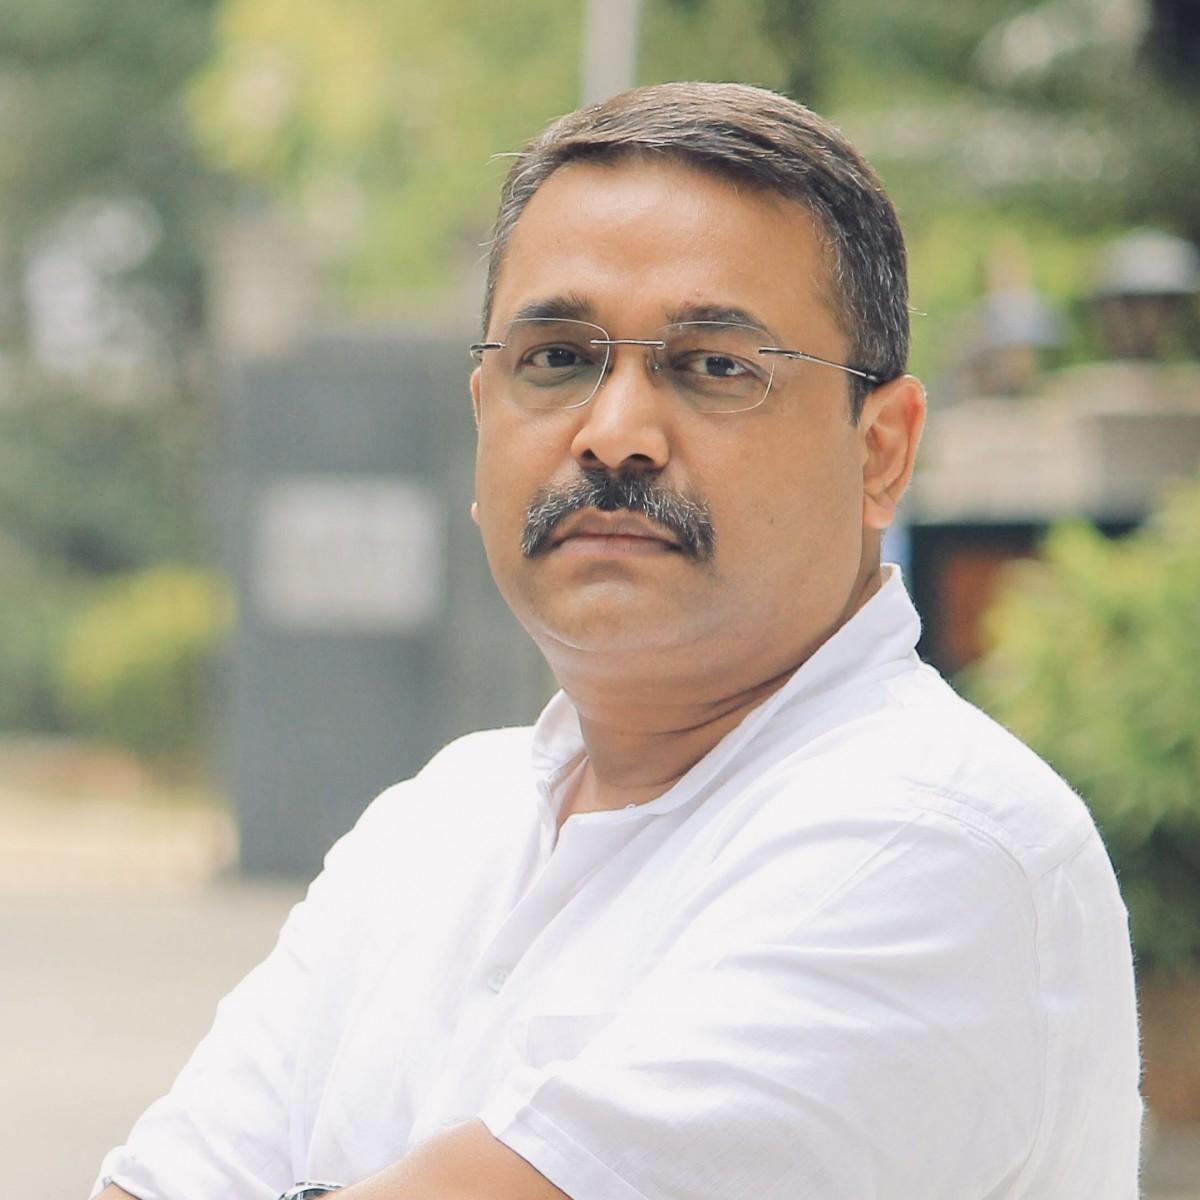 Sugata Srinivasaraju